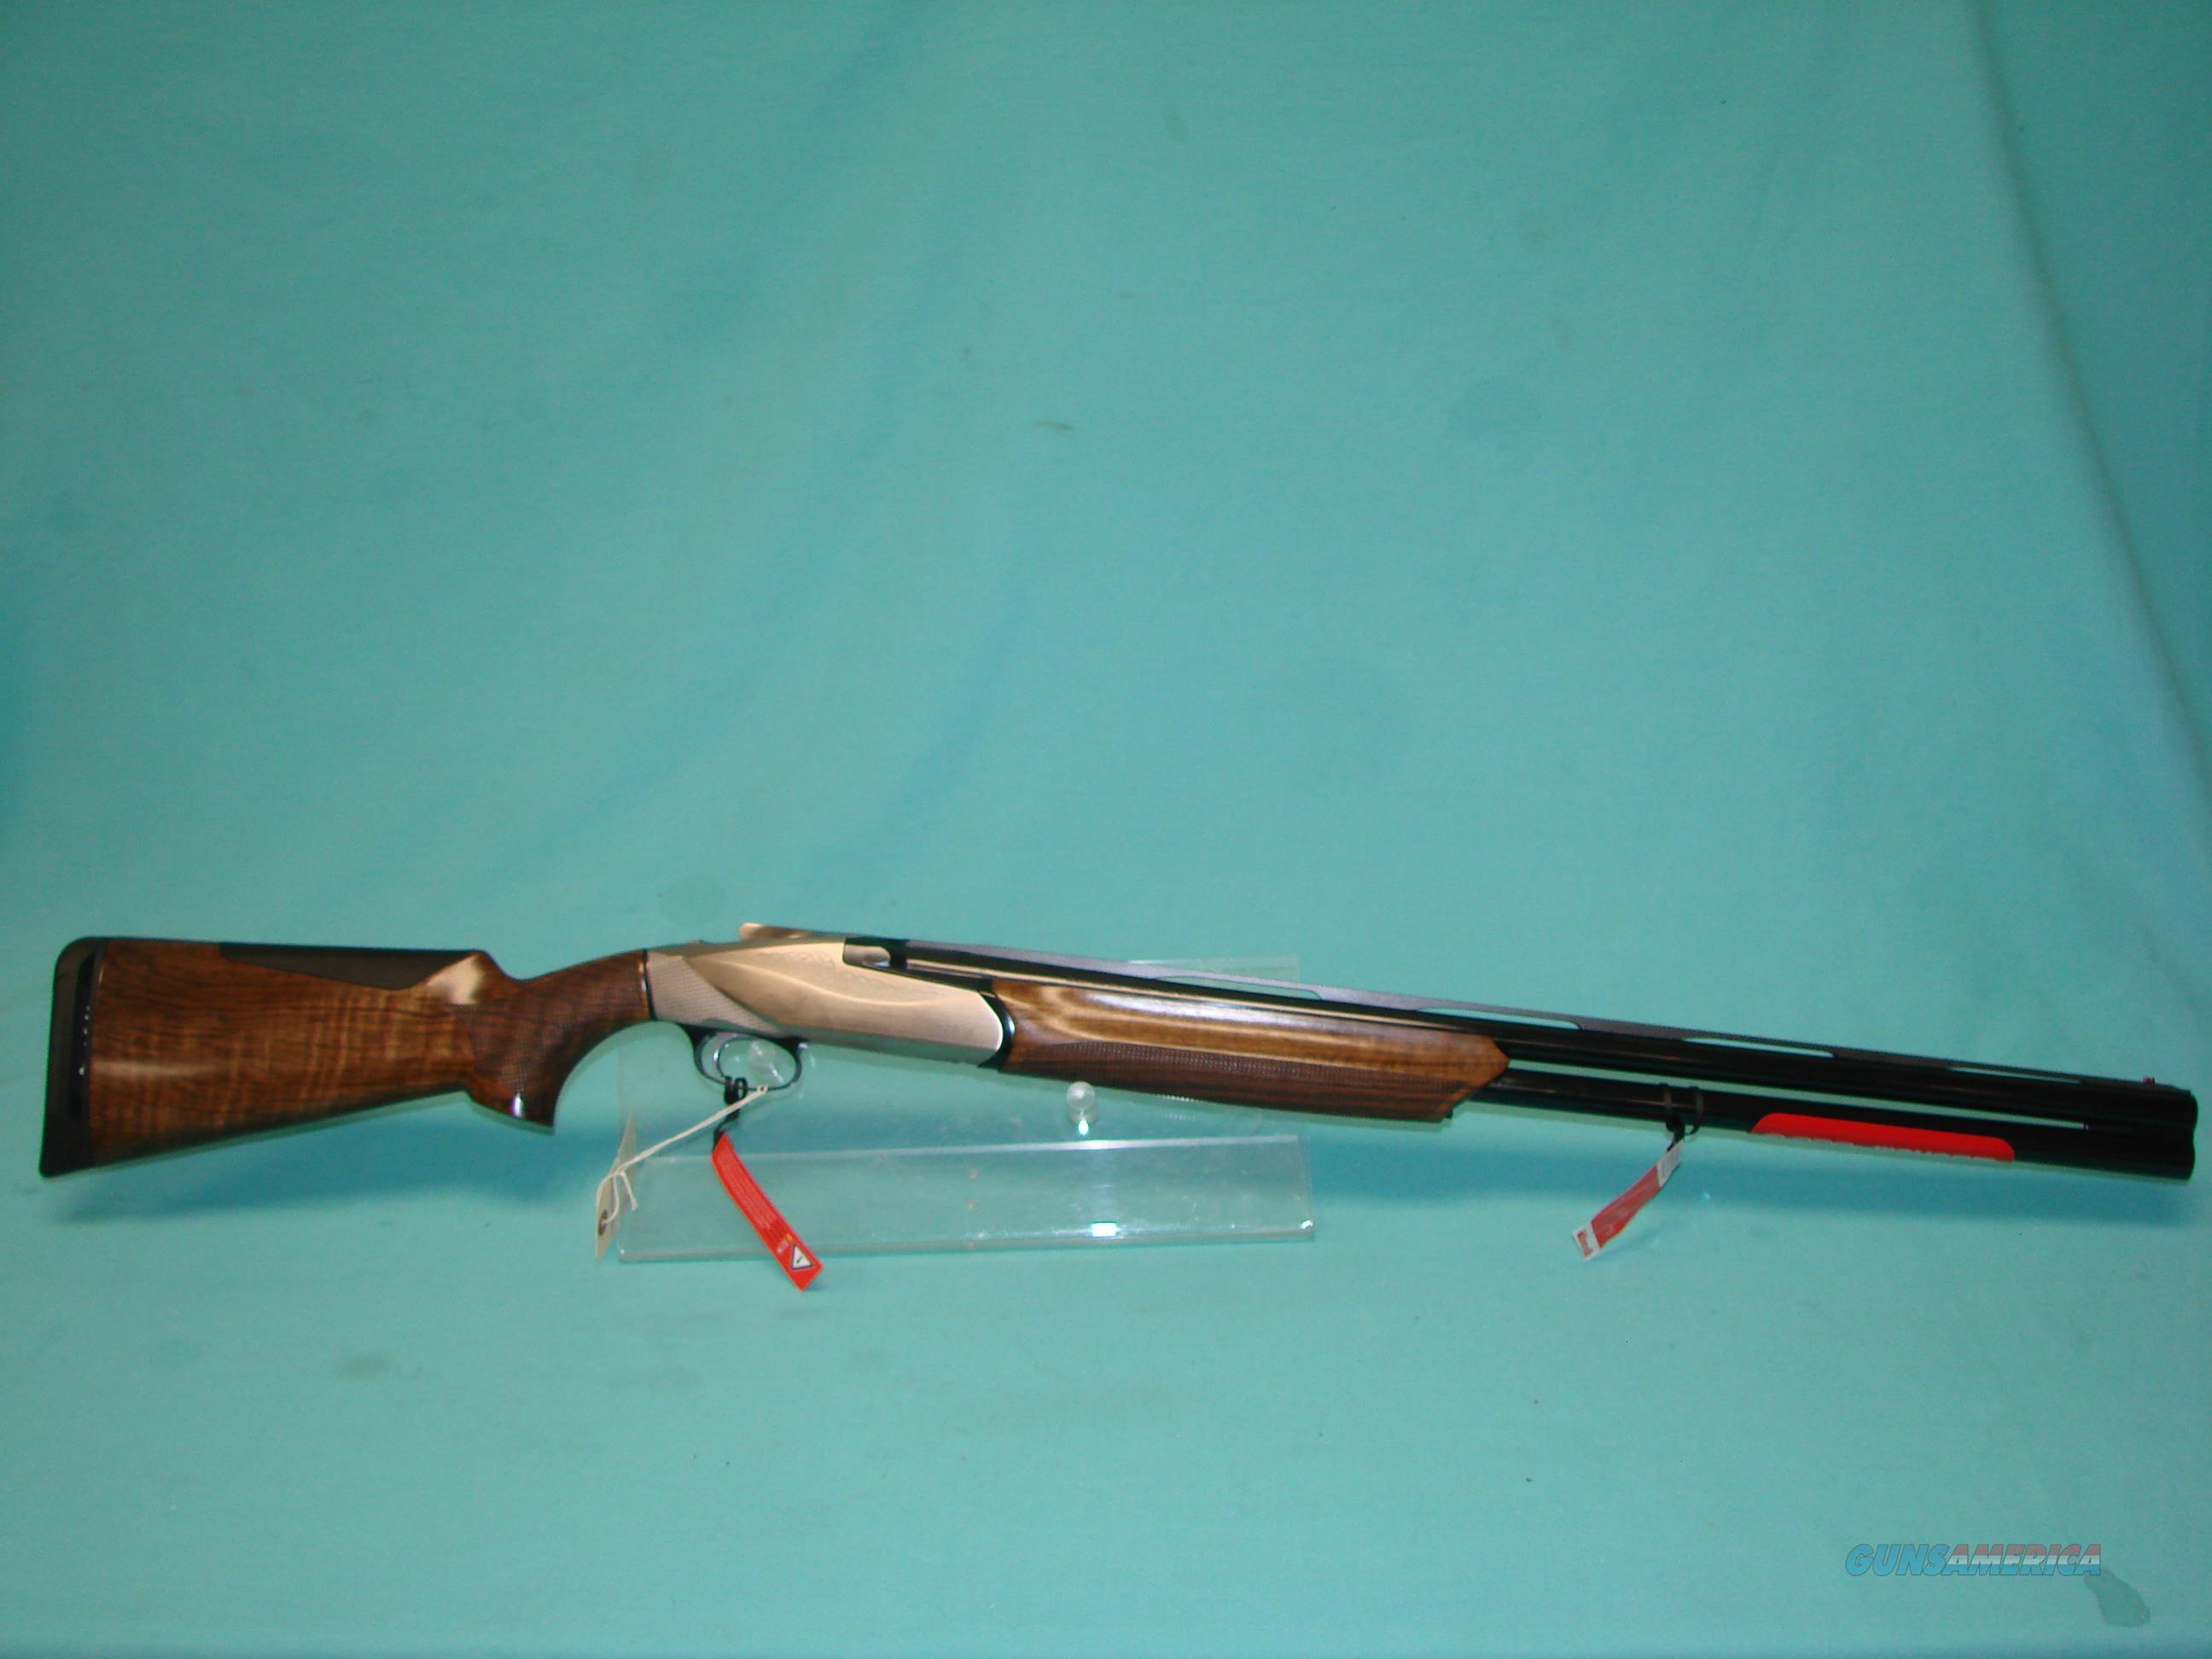 Benelli 828U  Guns > Shotguns > Benelli Shotguns > Trap/Skeet